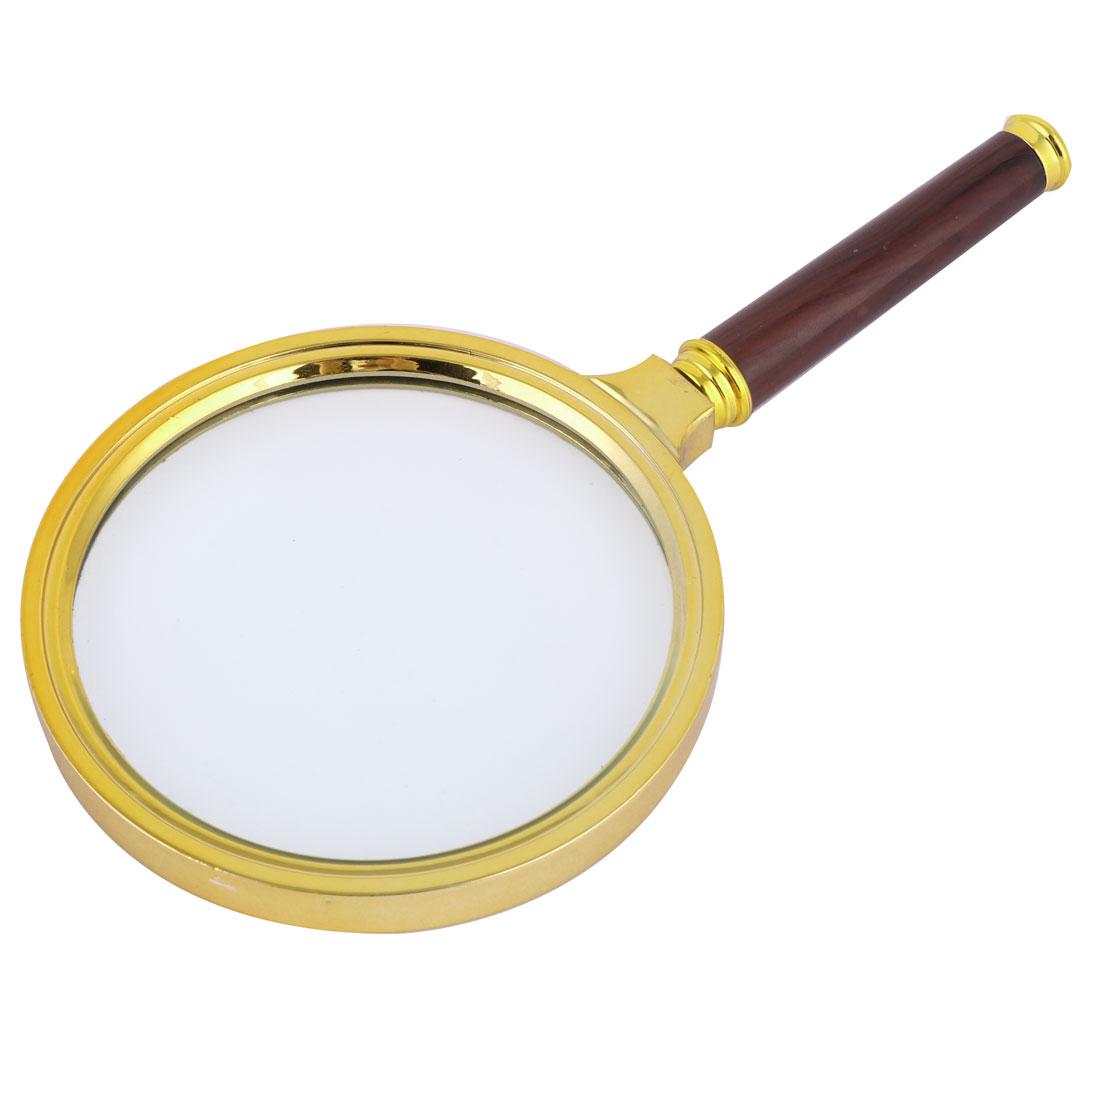 Plastic Frame Detachable Handle 80mm Dia 5X Optical Lens Magnifier Tricolor